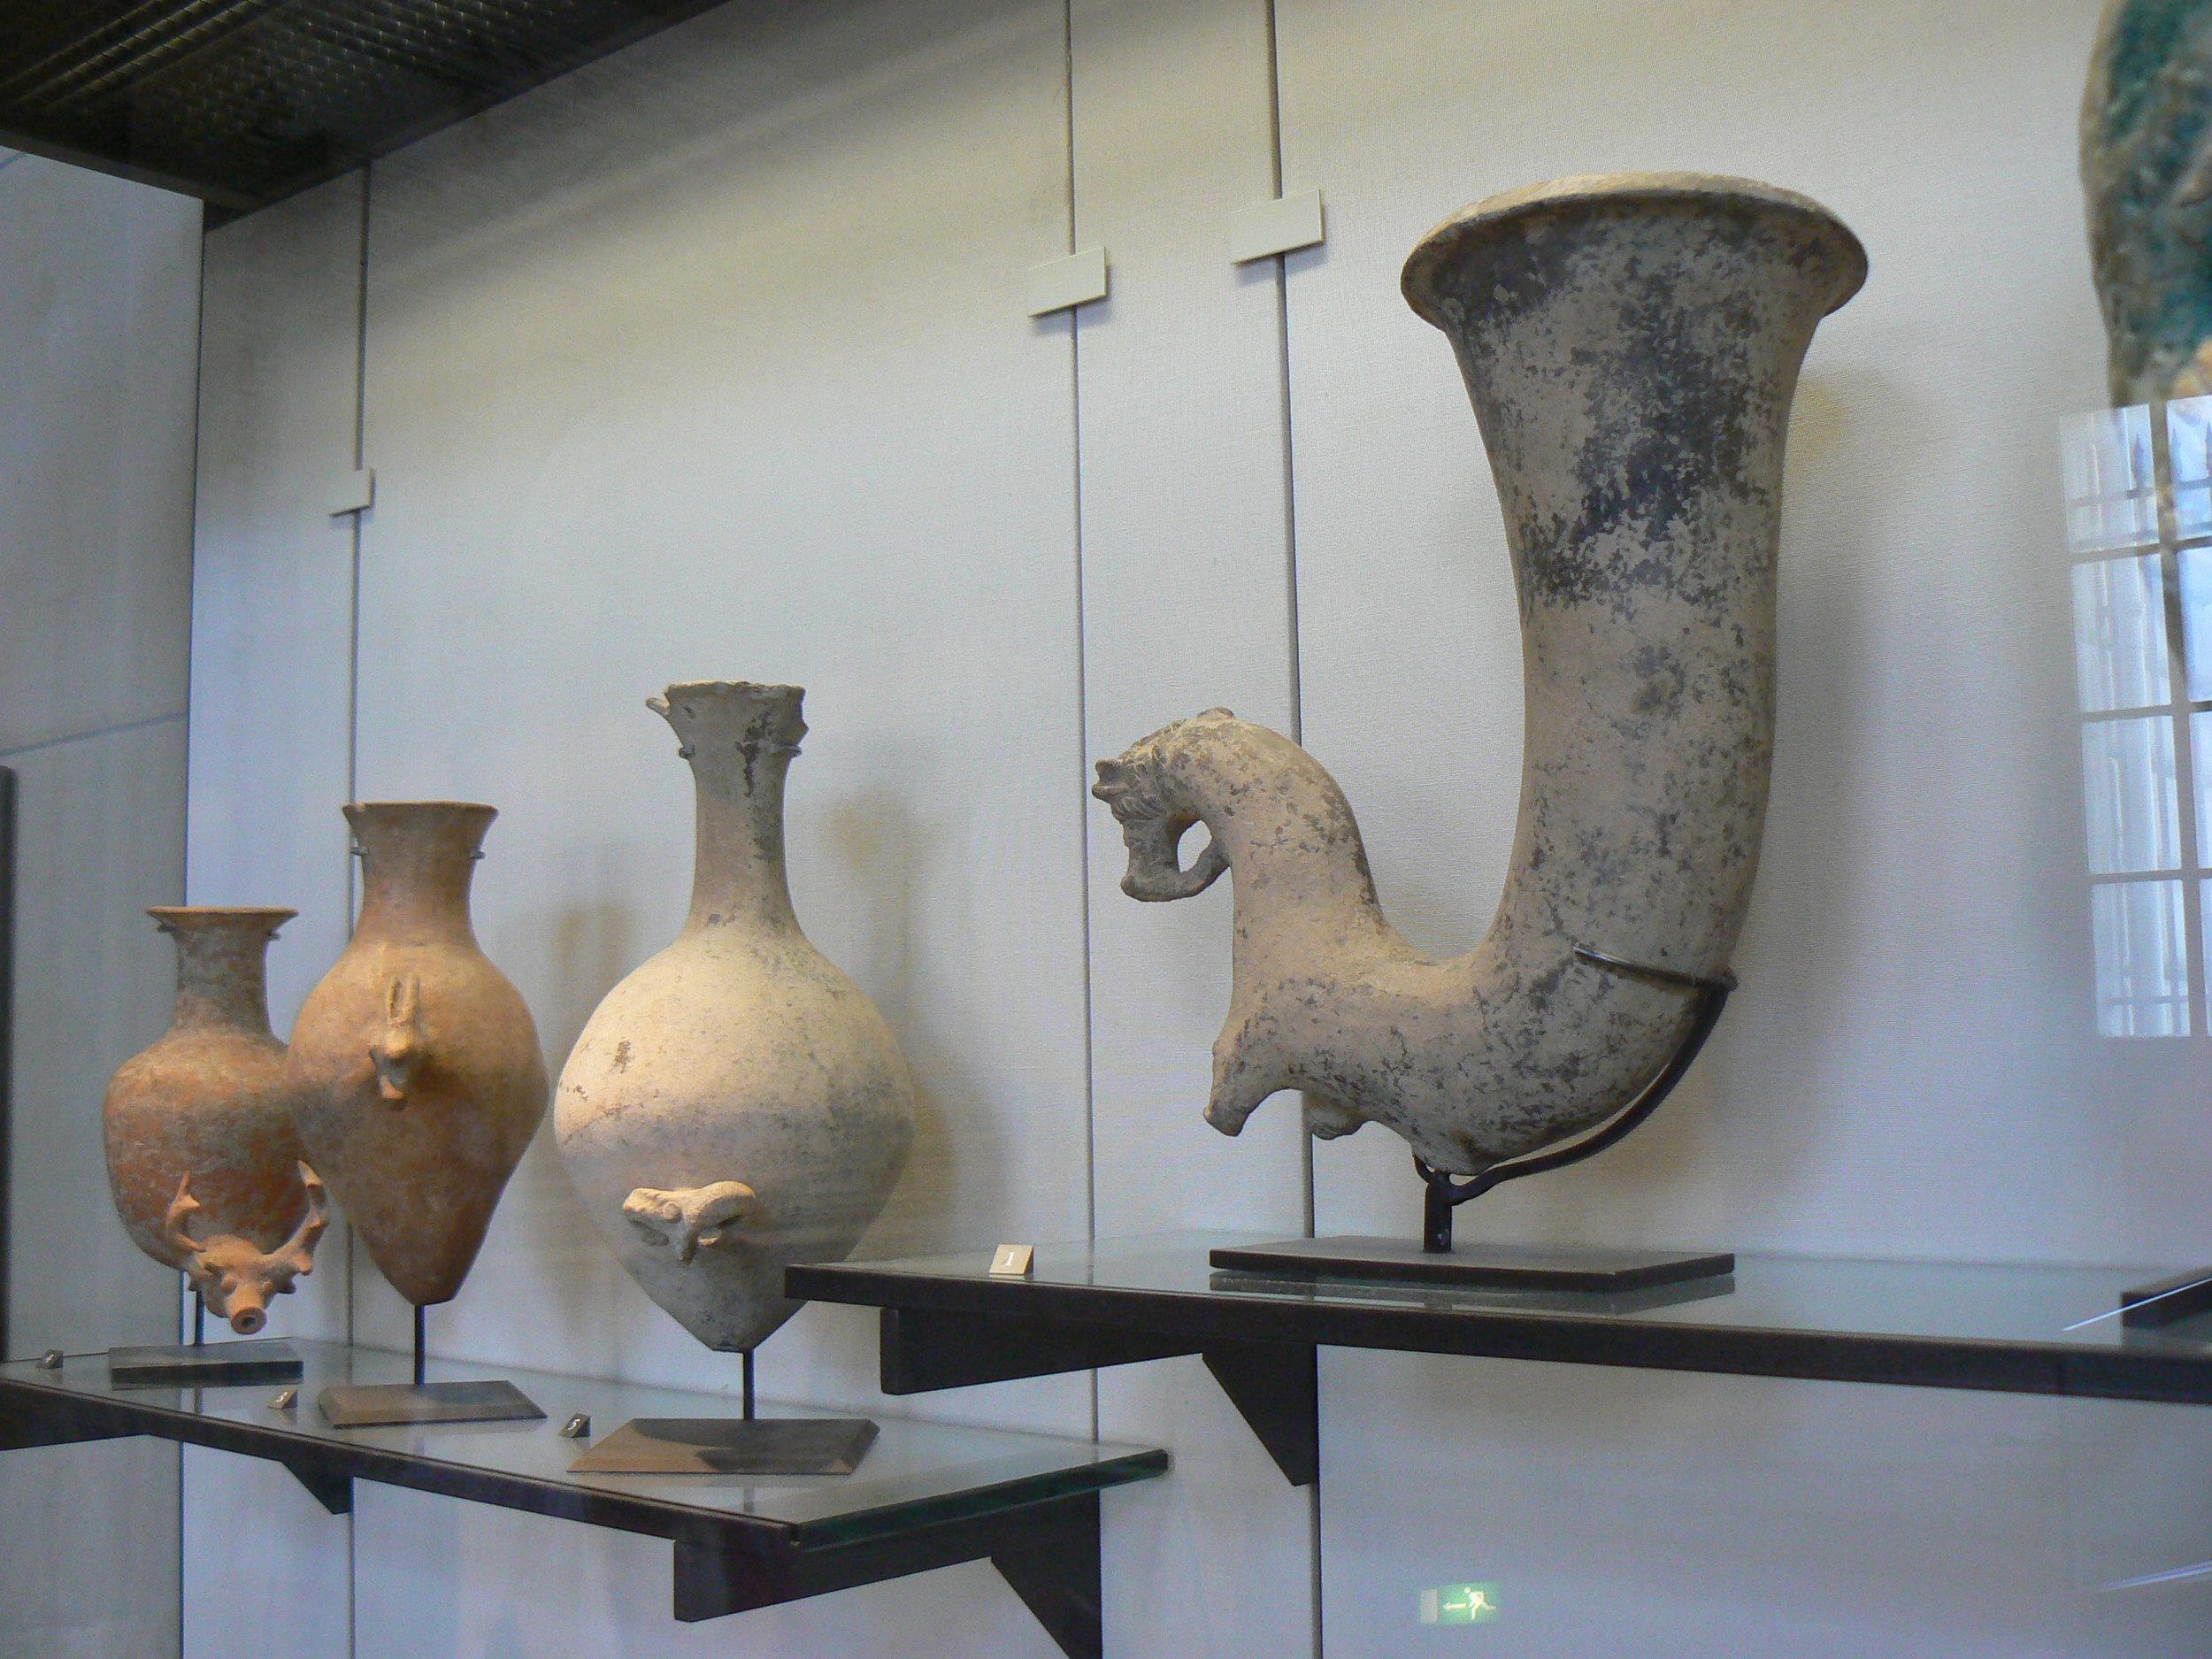 Iran's_heritages_in_Musée_du_Louvre_-_22.jpg